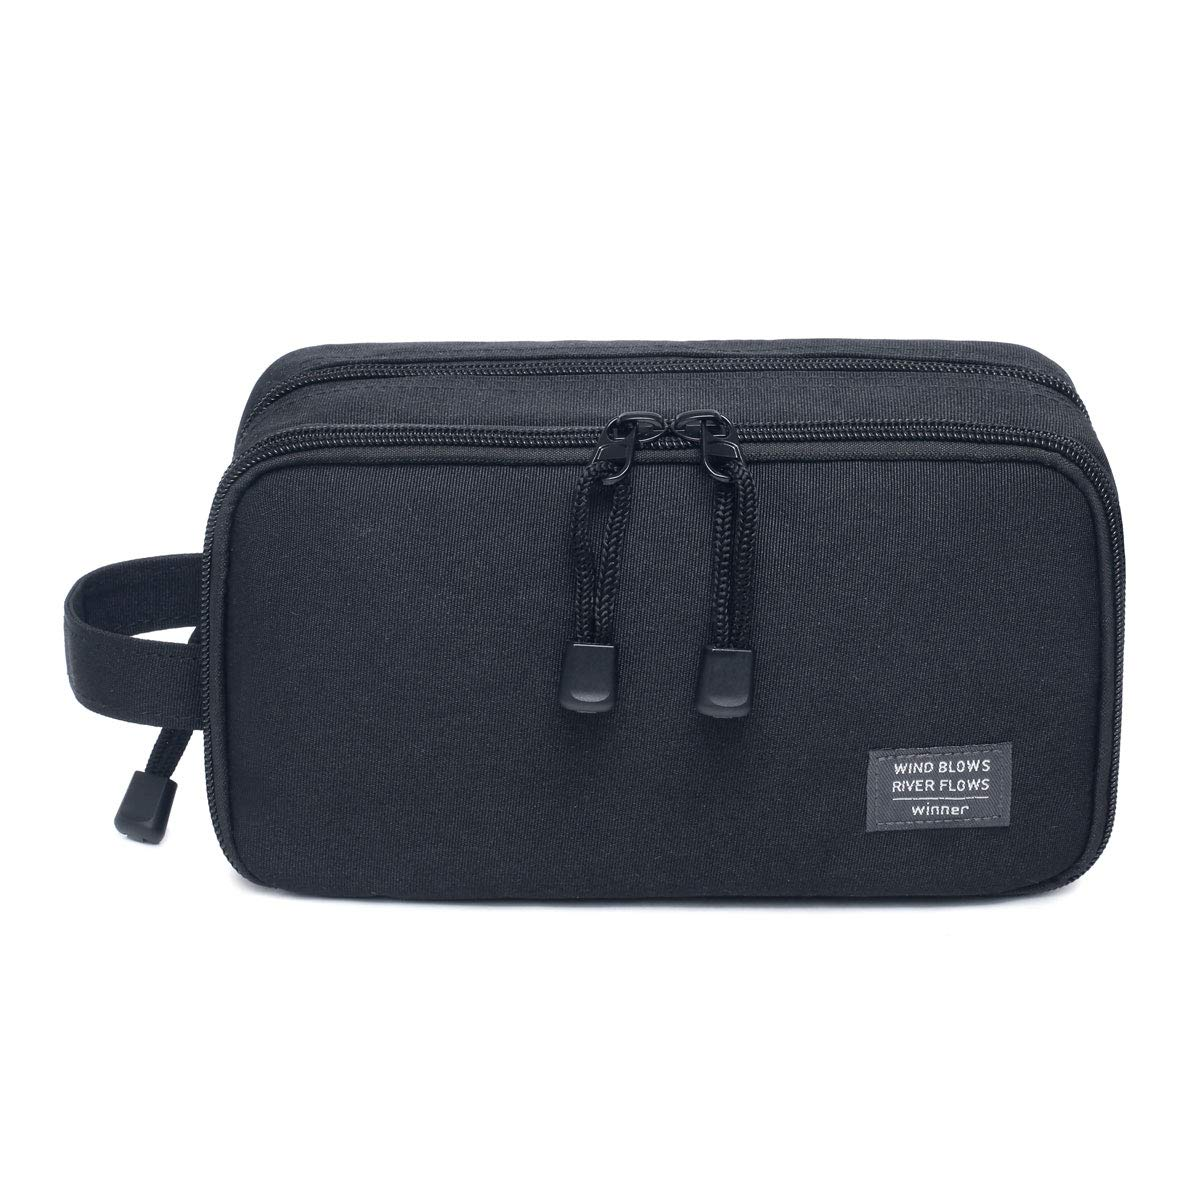 JORYEE Men s Toiletry Bag, Canvas Waterproof Travel Dopp Kit Bag Accessories Organizer Black